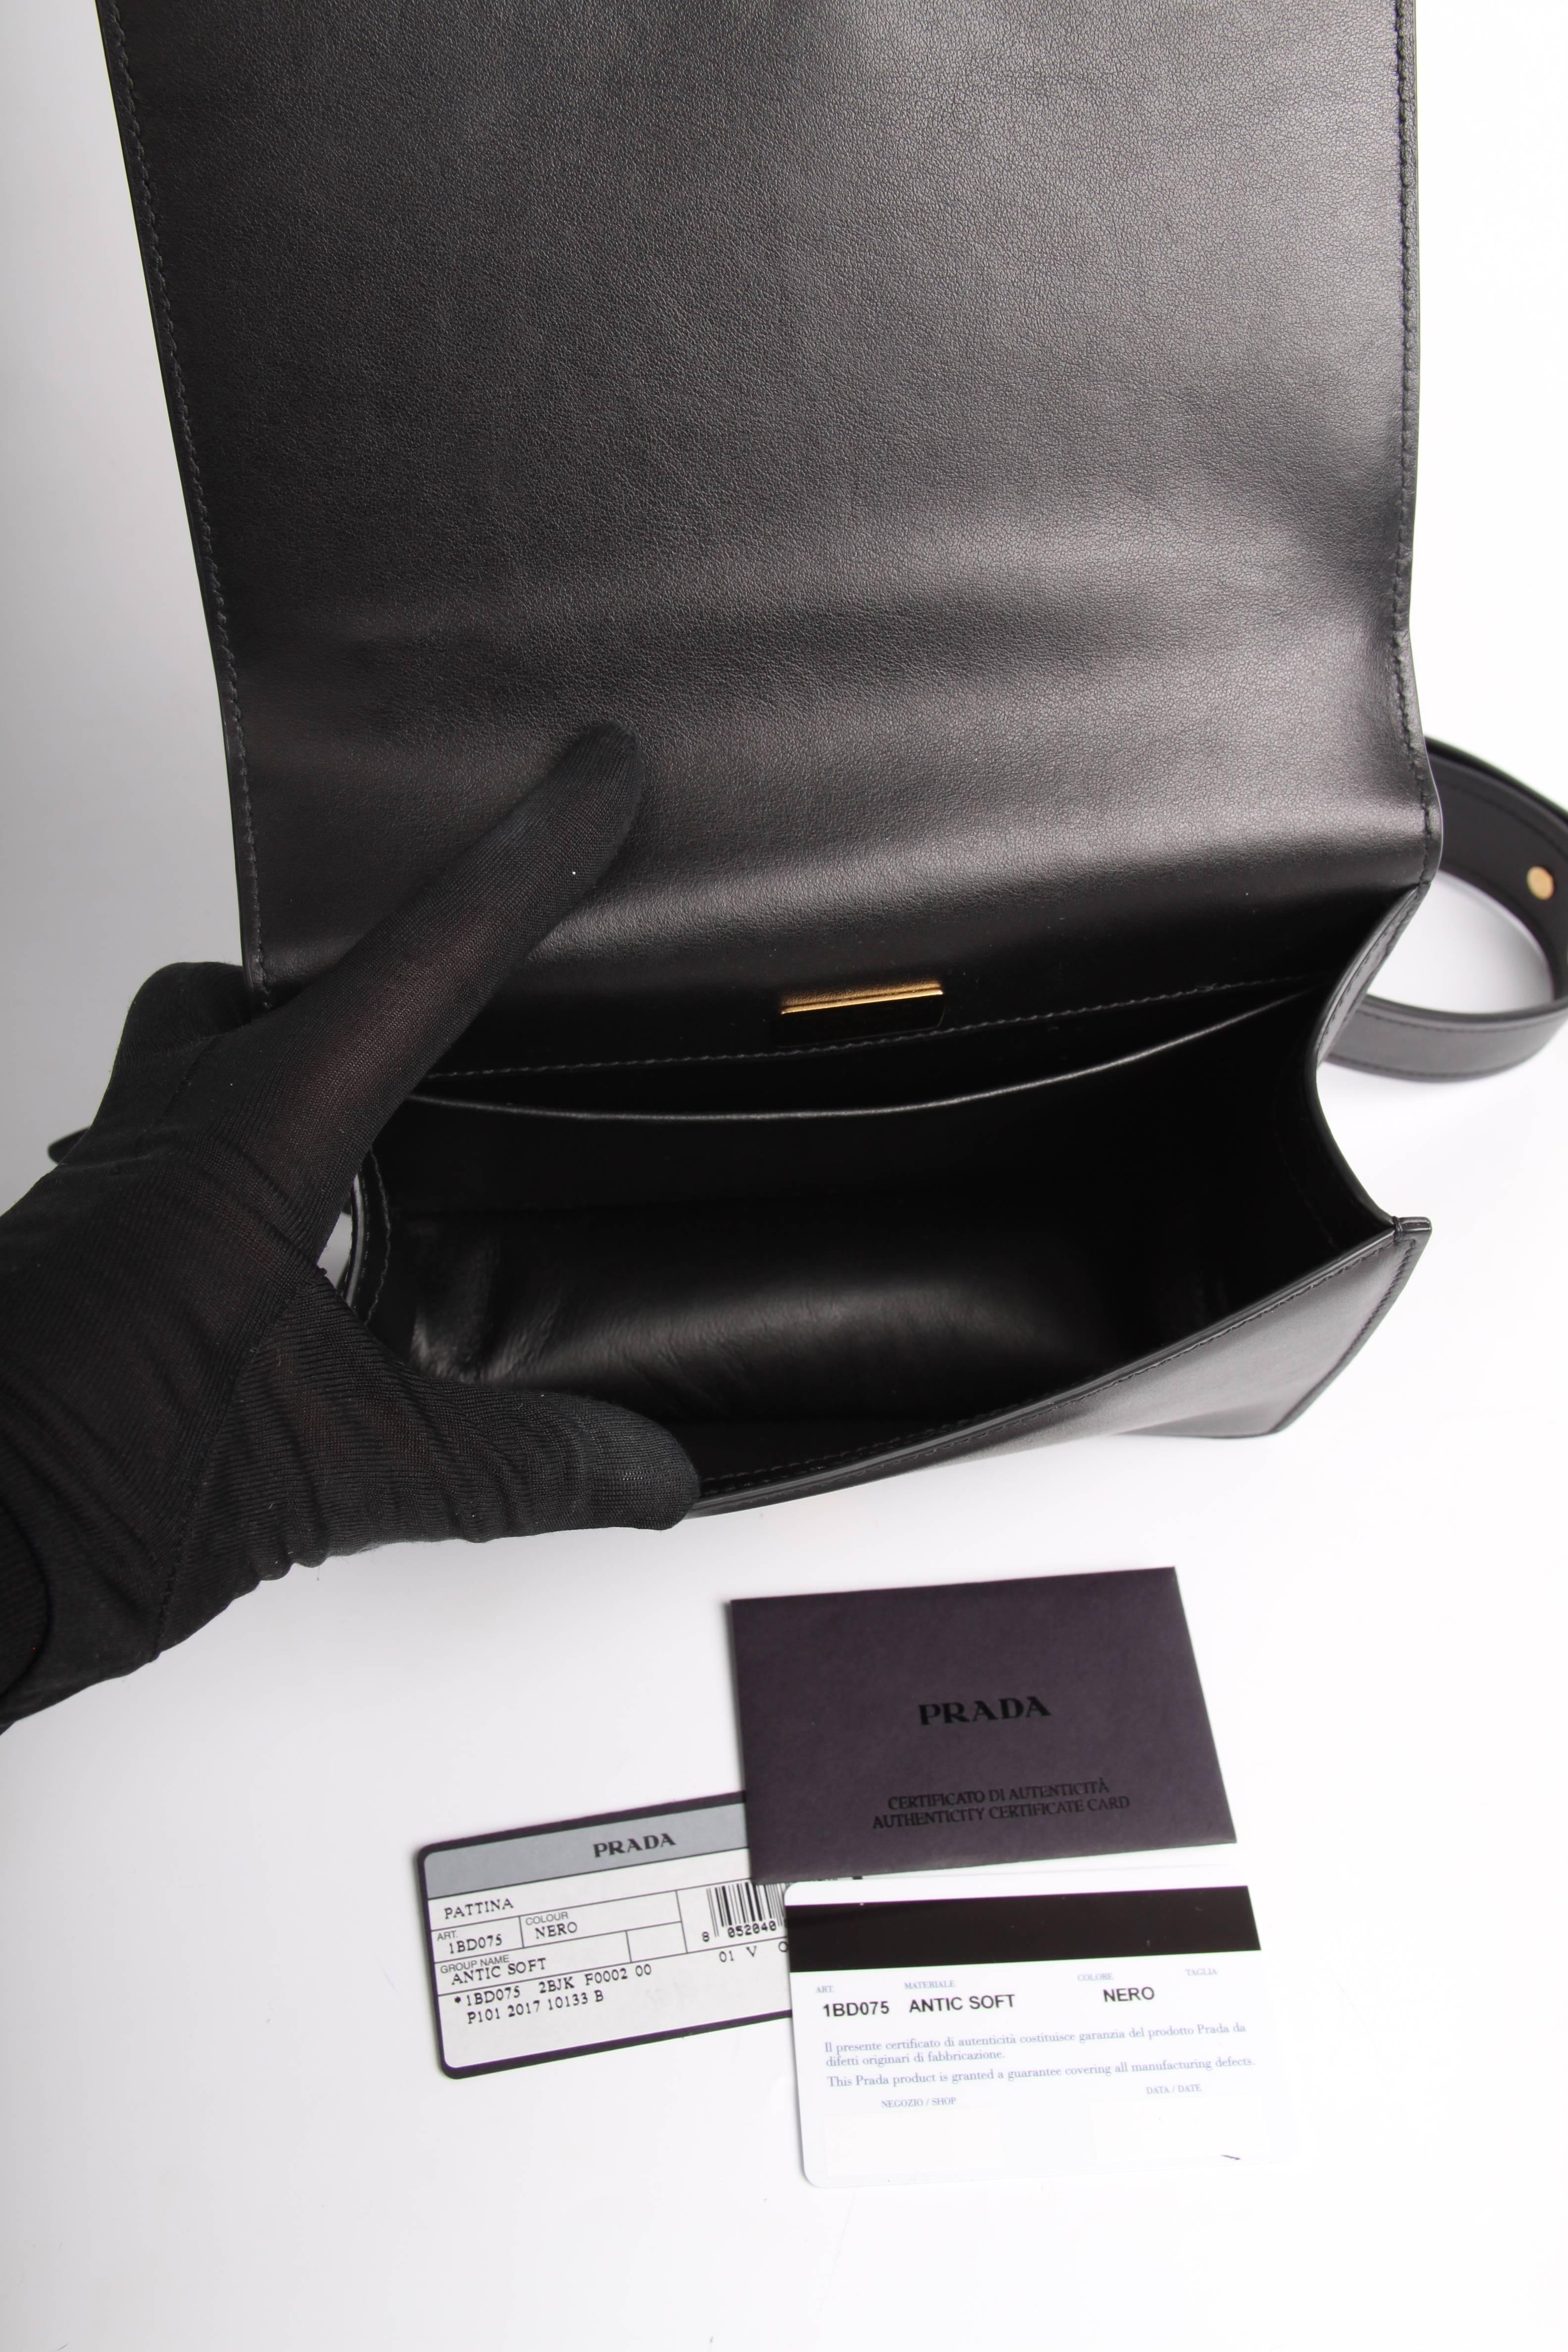 91ff43cf0c599a Prada Antic Soft Shoulder Bag - black 2018 For Sale at 1stdibs